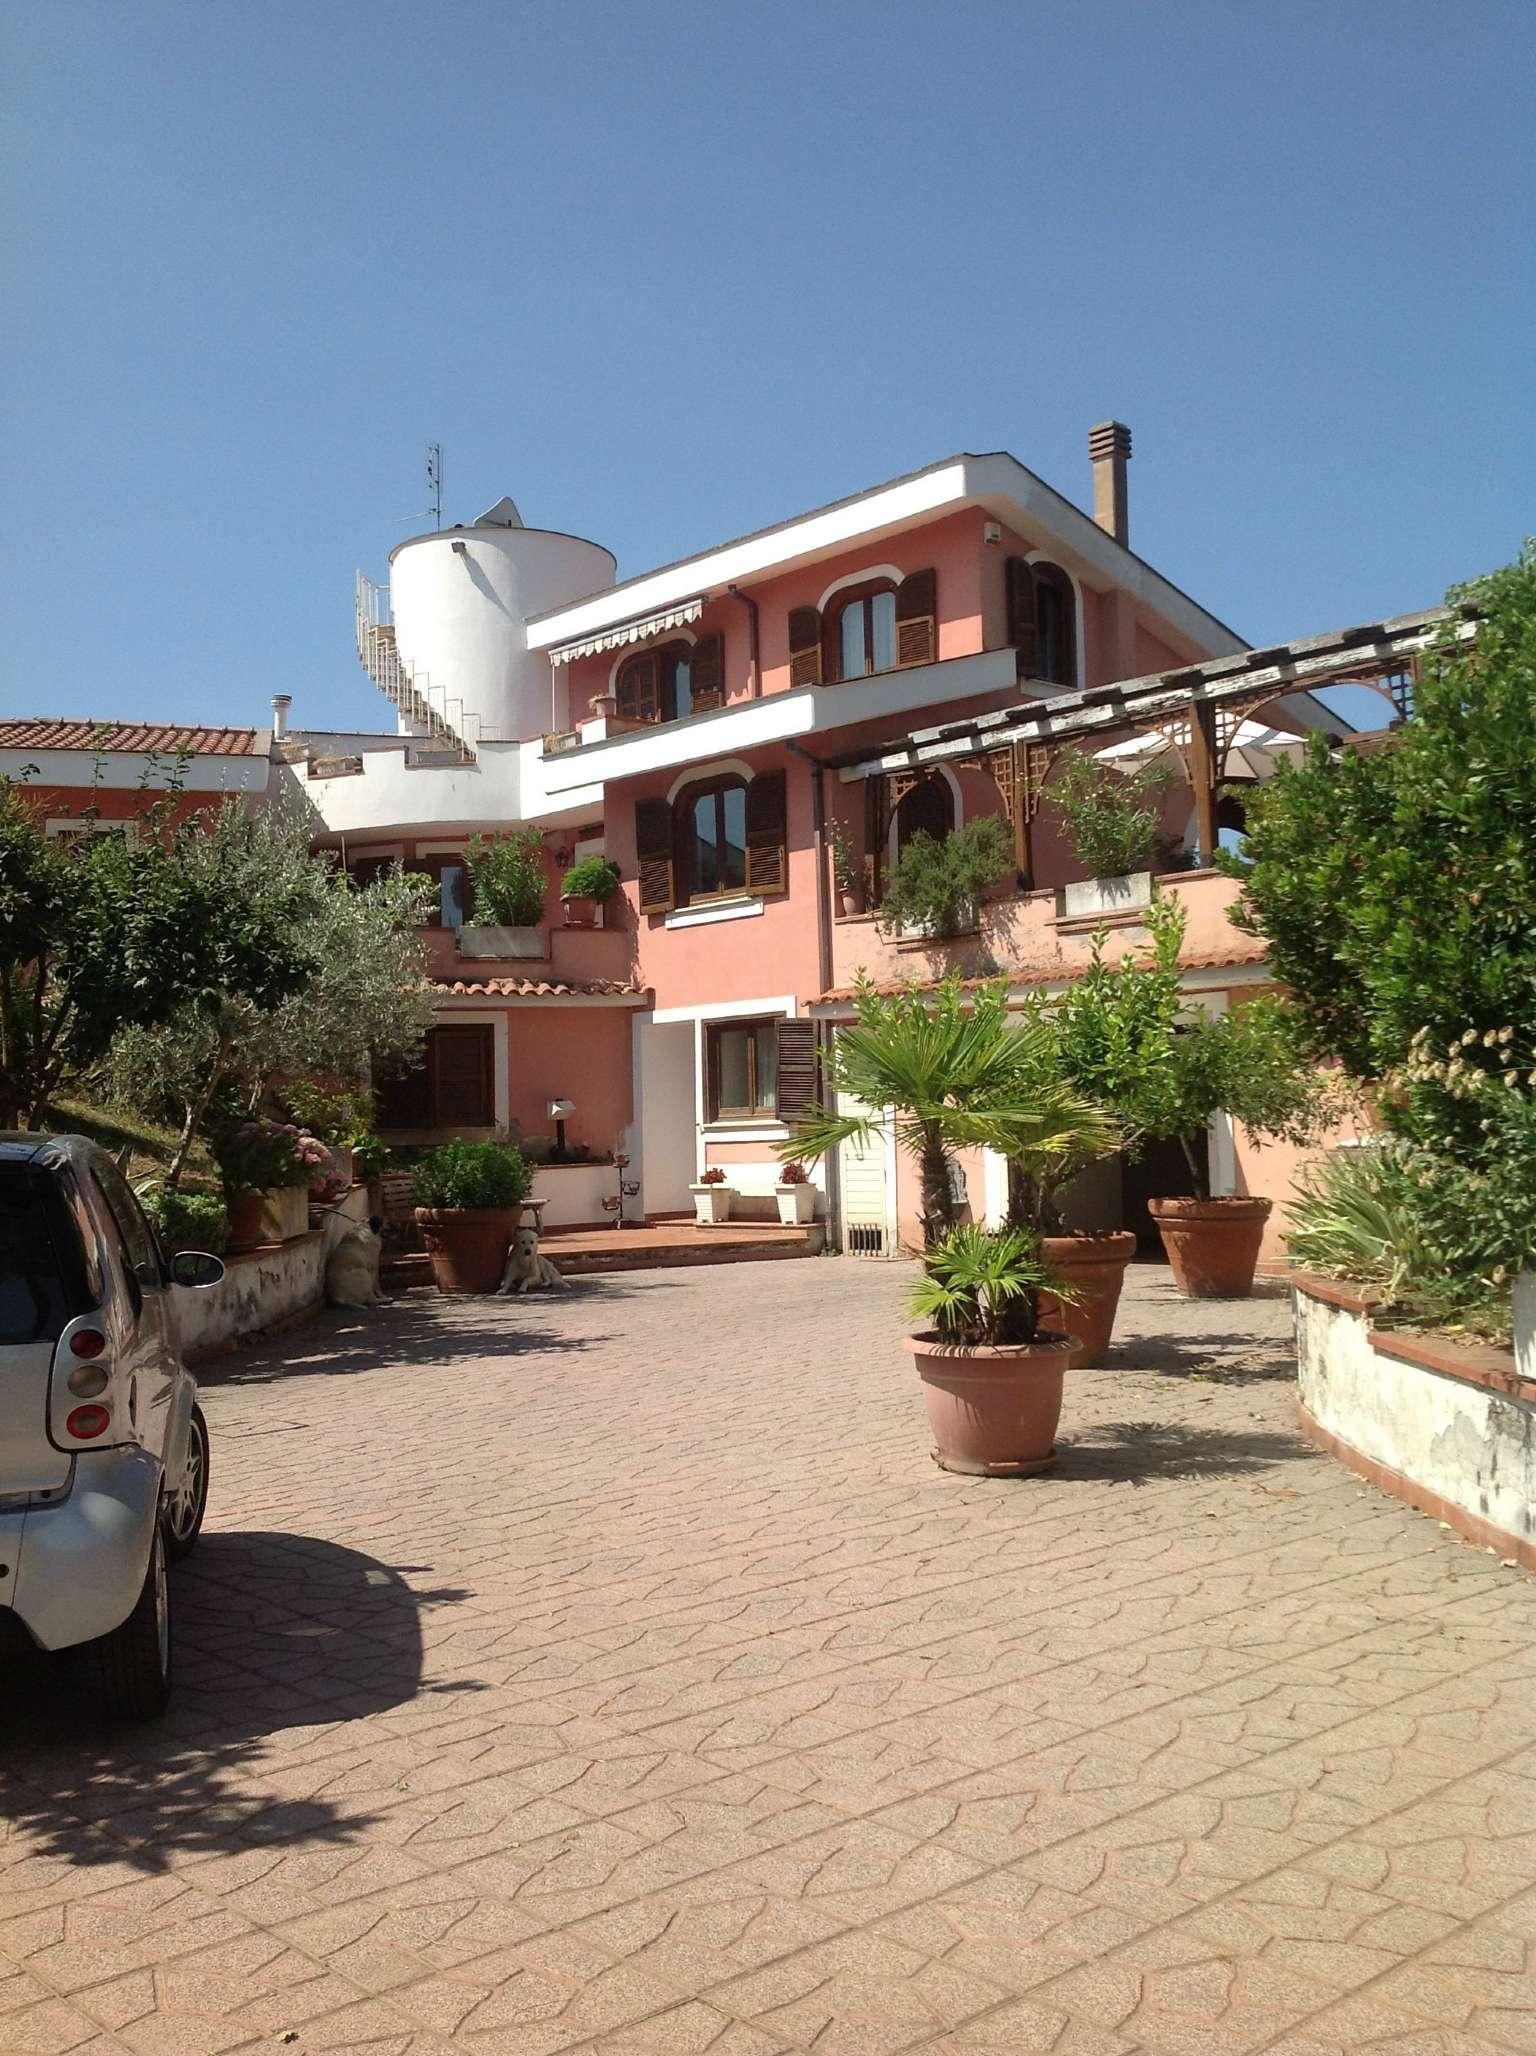 Villa in vendita a Rignano Flaminio, 15 locali, prezzo € 480.000 | Cambio Casa.it